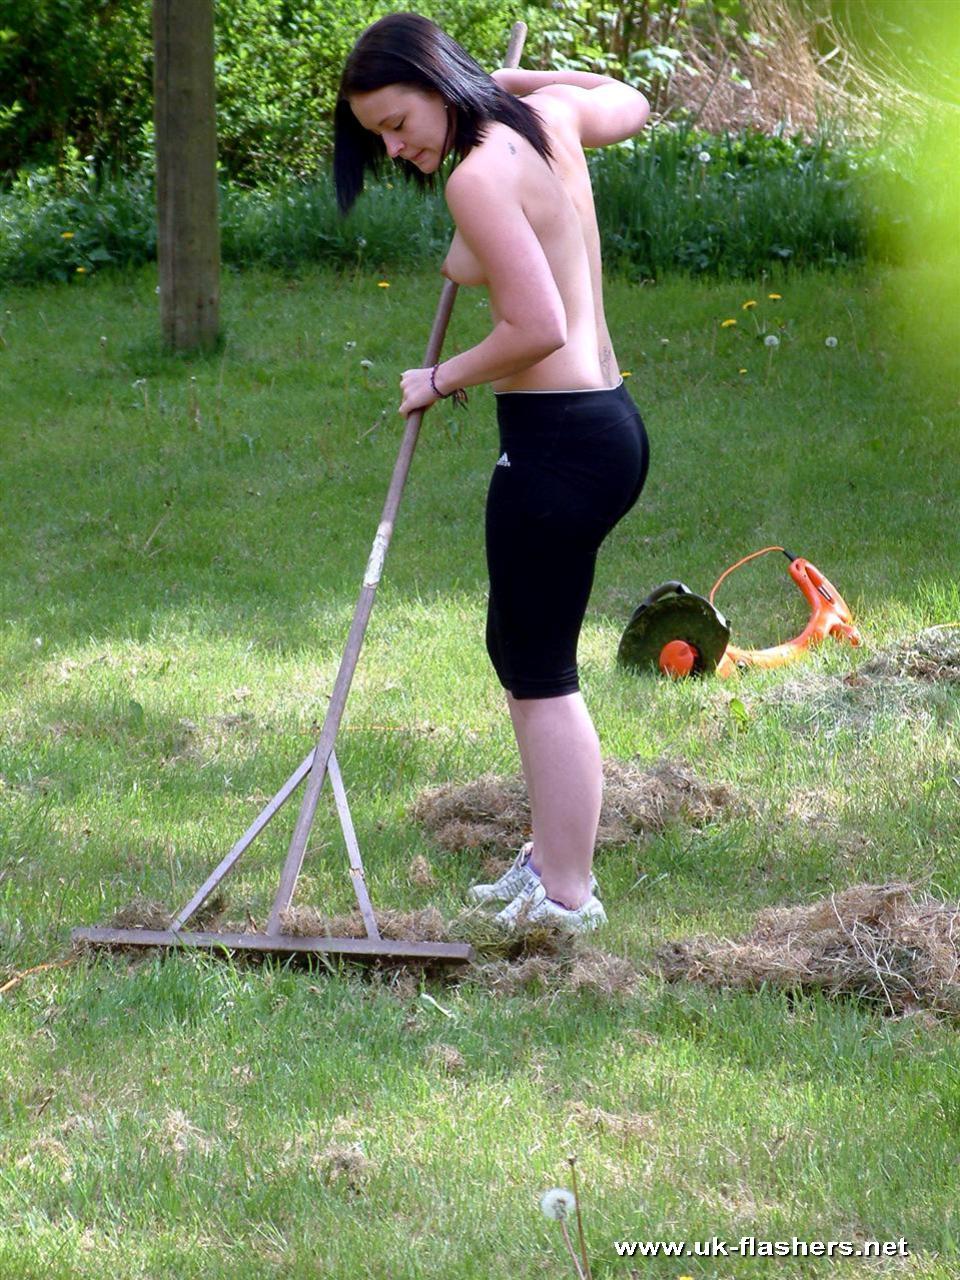 Nude Teens In Garden Pictures 42